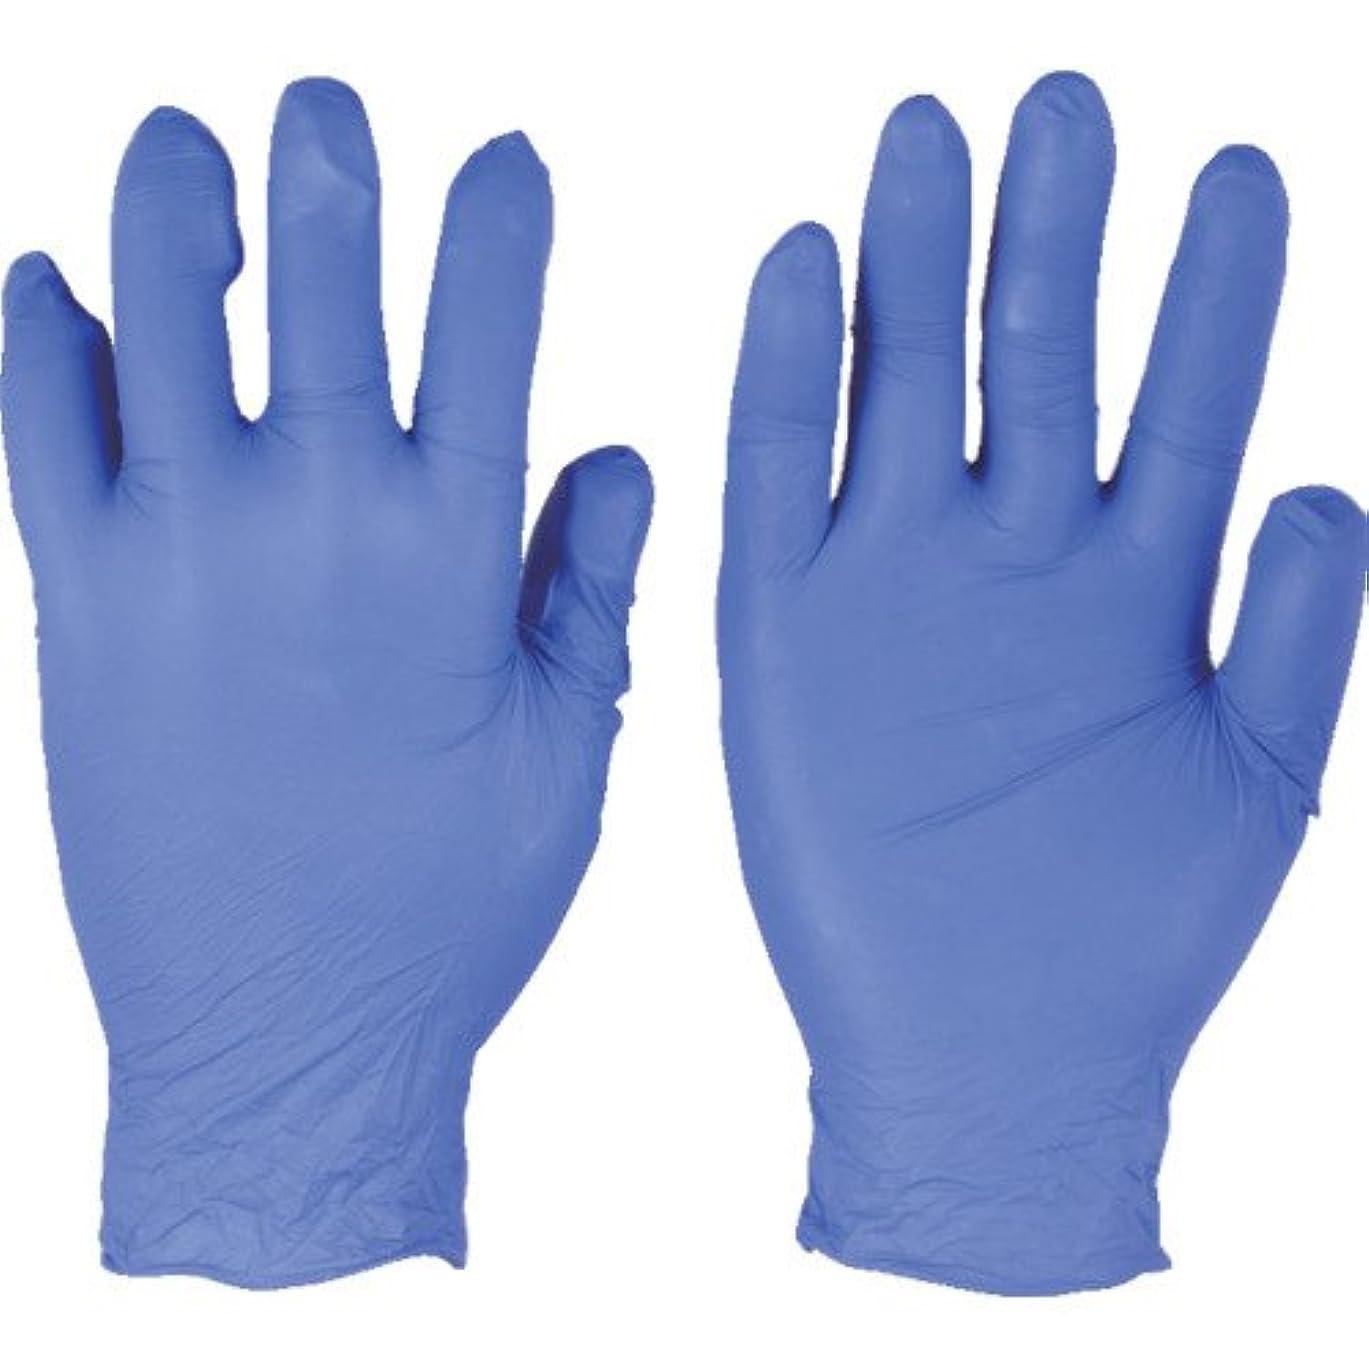 病な変化するアプローチトラスコ中山 アンセル ニトリルゴム使い捨て手袋 エッジ 82-133 XLサイズ(250枚入)   8213310